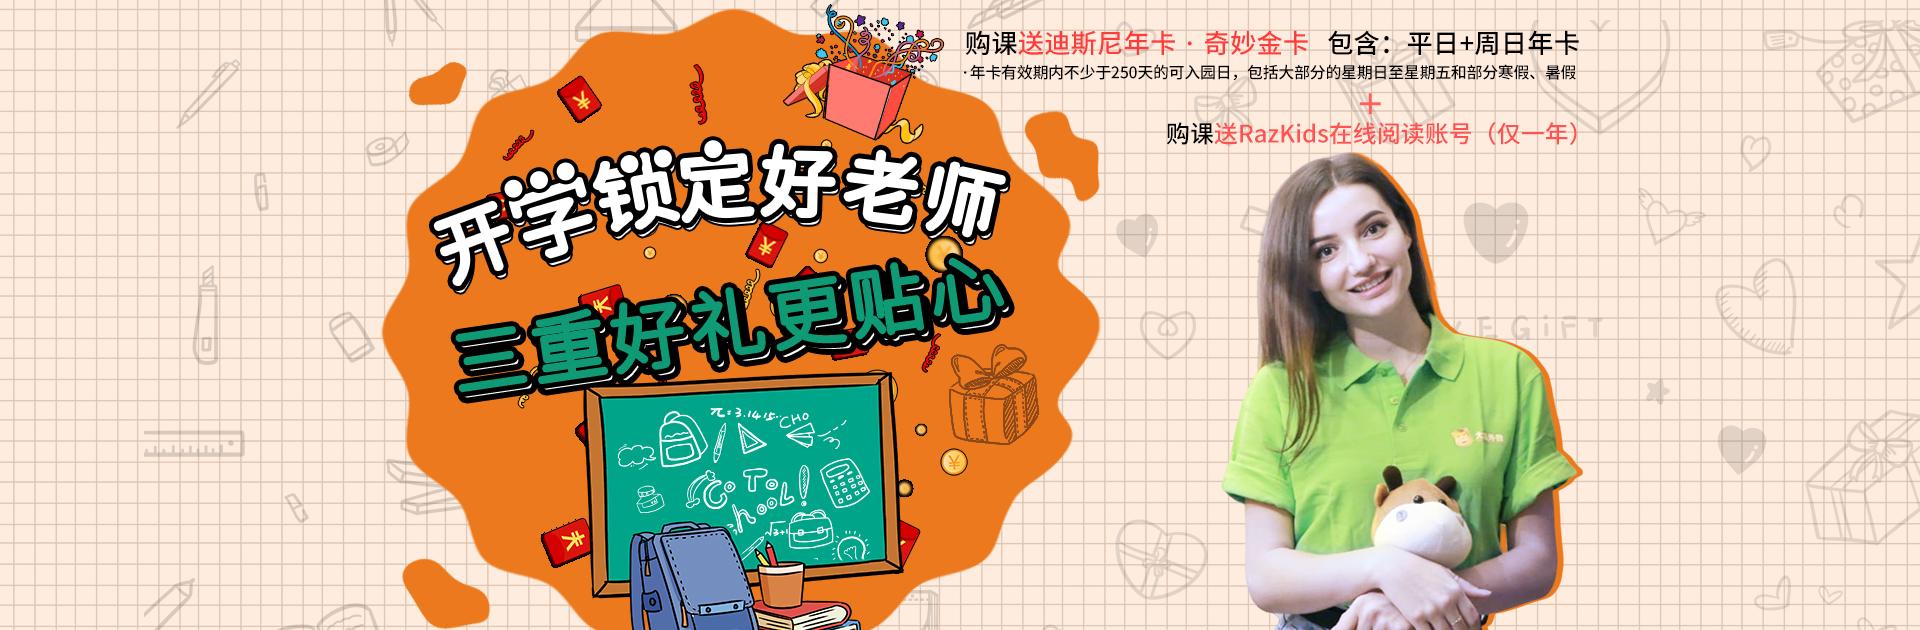 外教开学季-上海